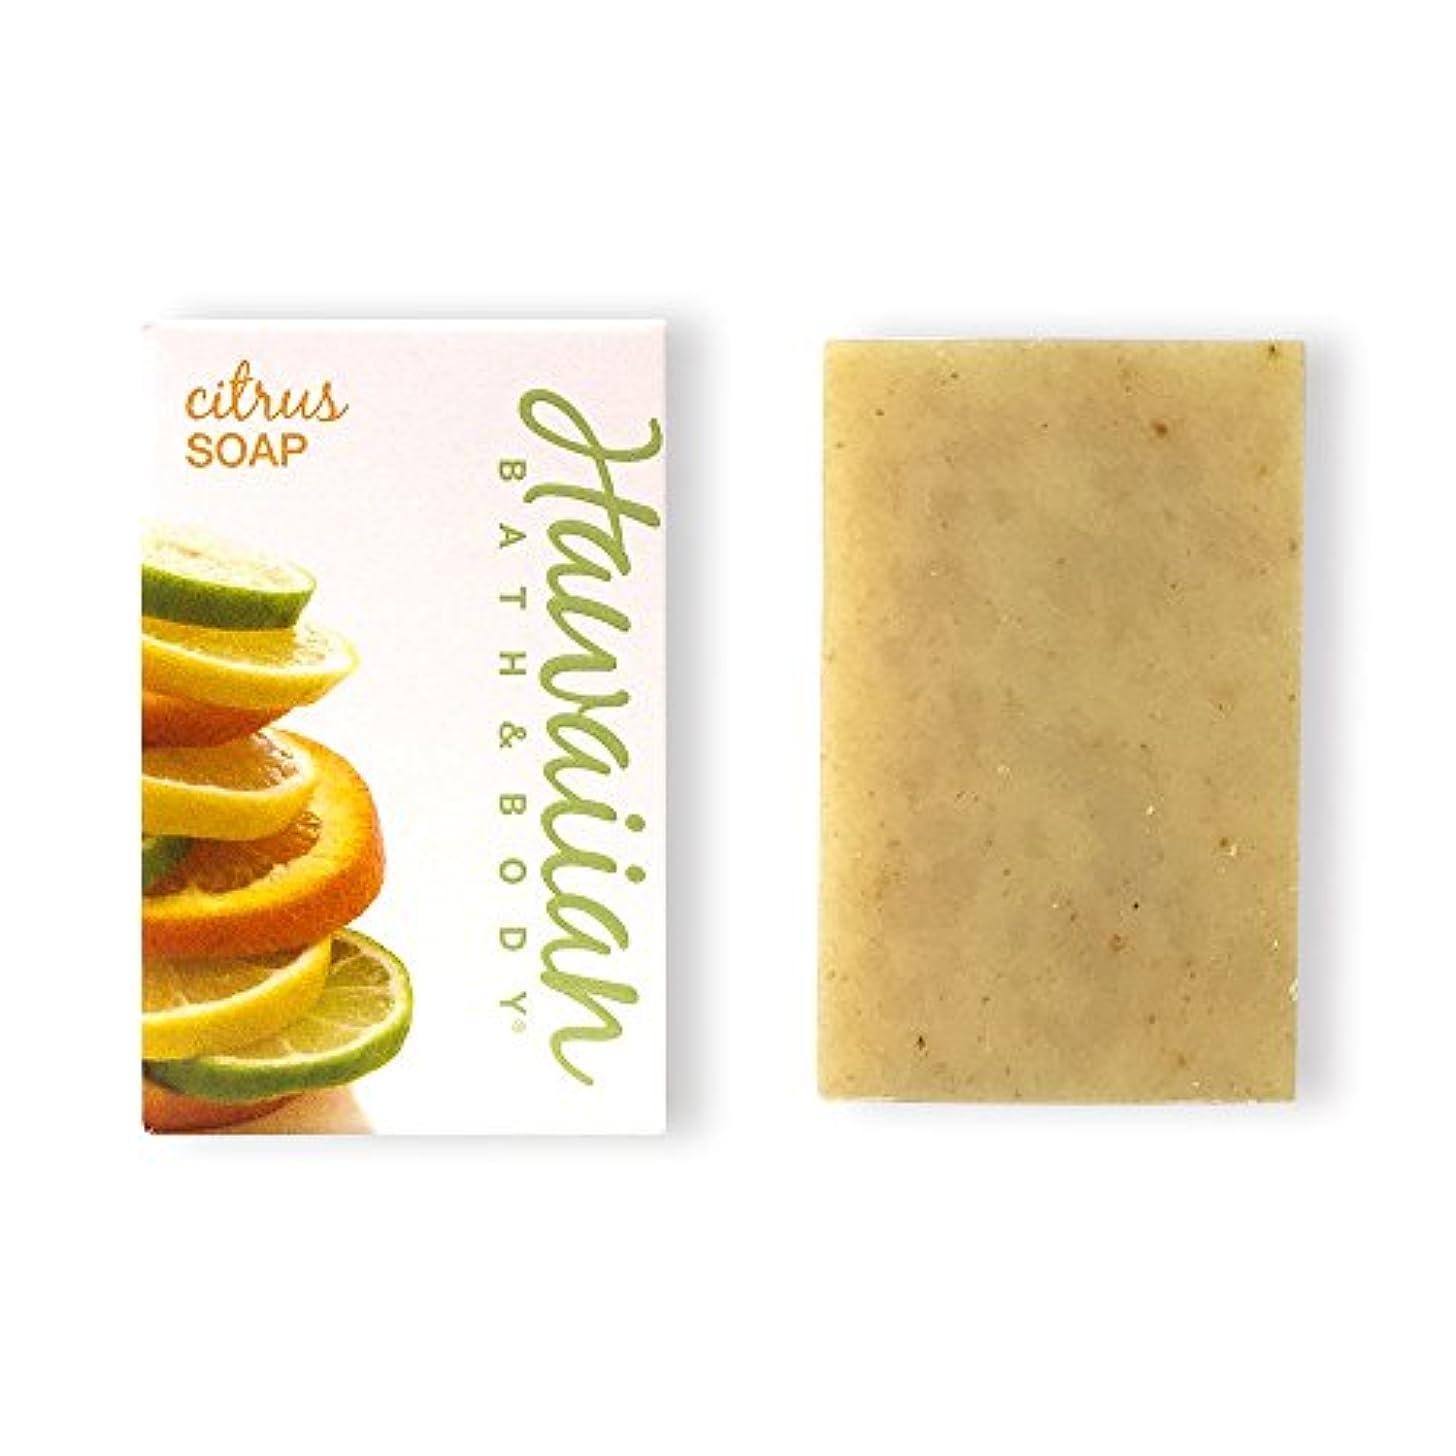 カヌー行動エスニックハワイアンバス&ボディ ハワイアン?シトラスソープ( Citrus Soap )